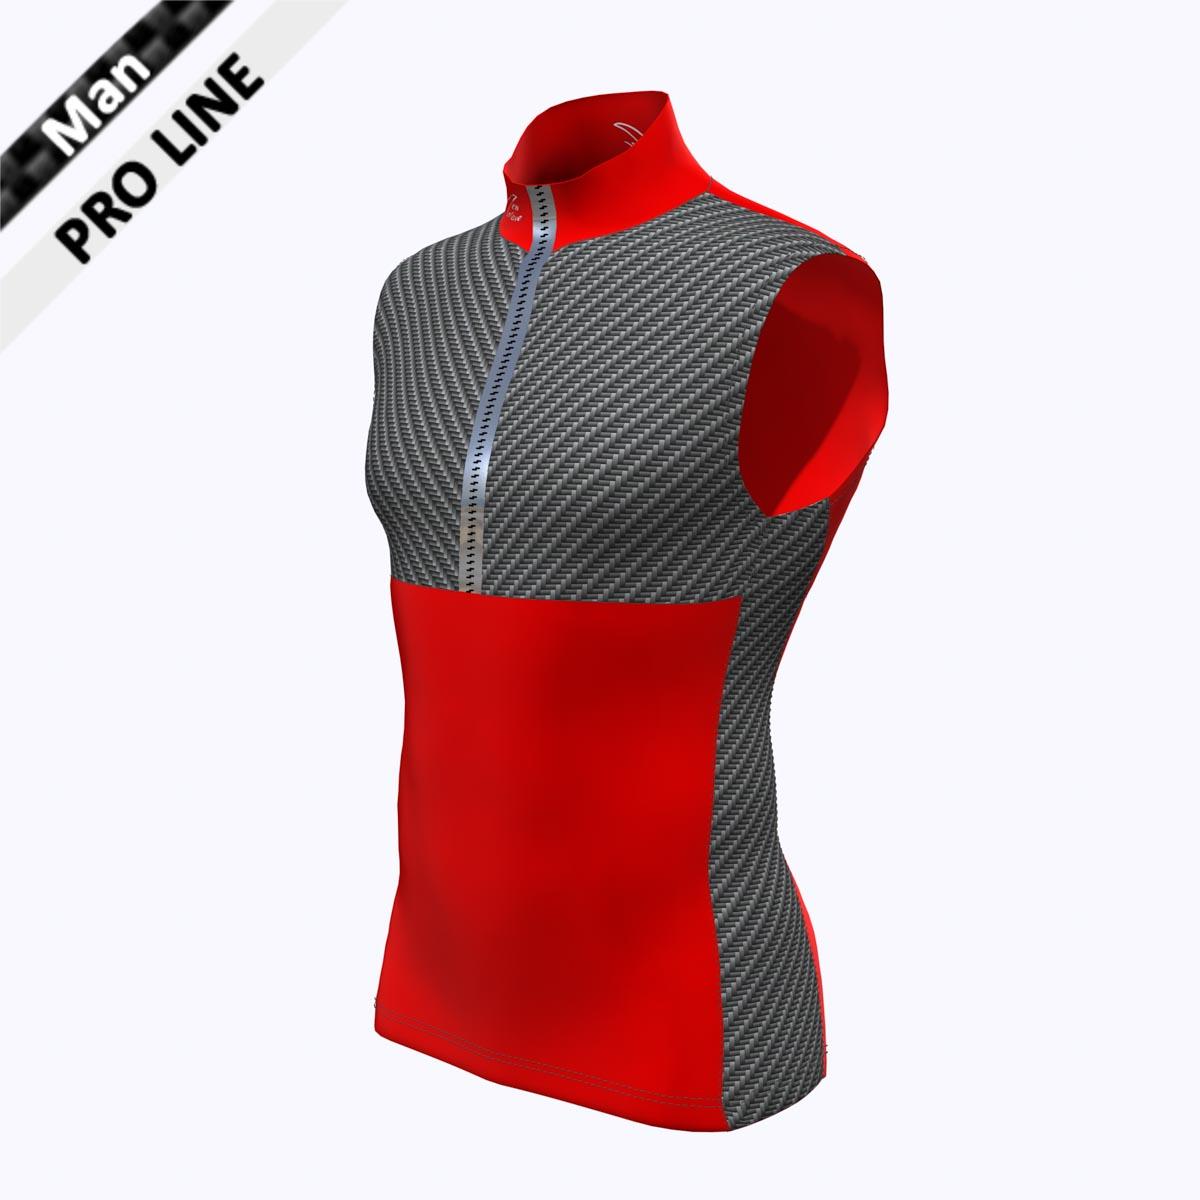 Pro Vest Man - Red/Carbon  Brust/Seitenstreifen - Carbon,  Kragen, Bauch, Rücken - rot